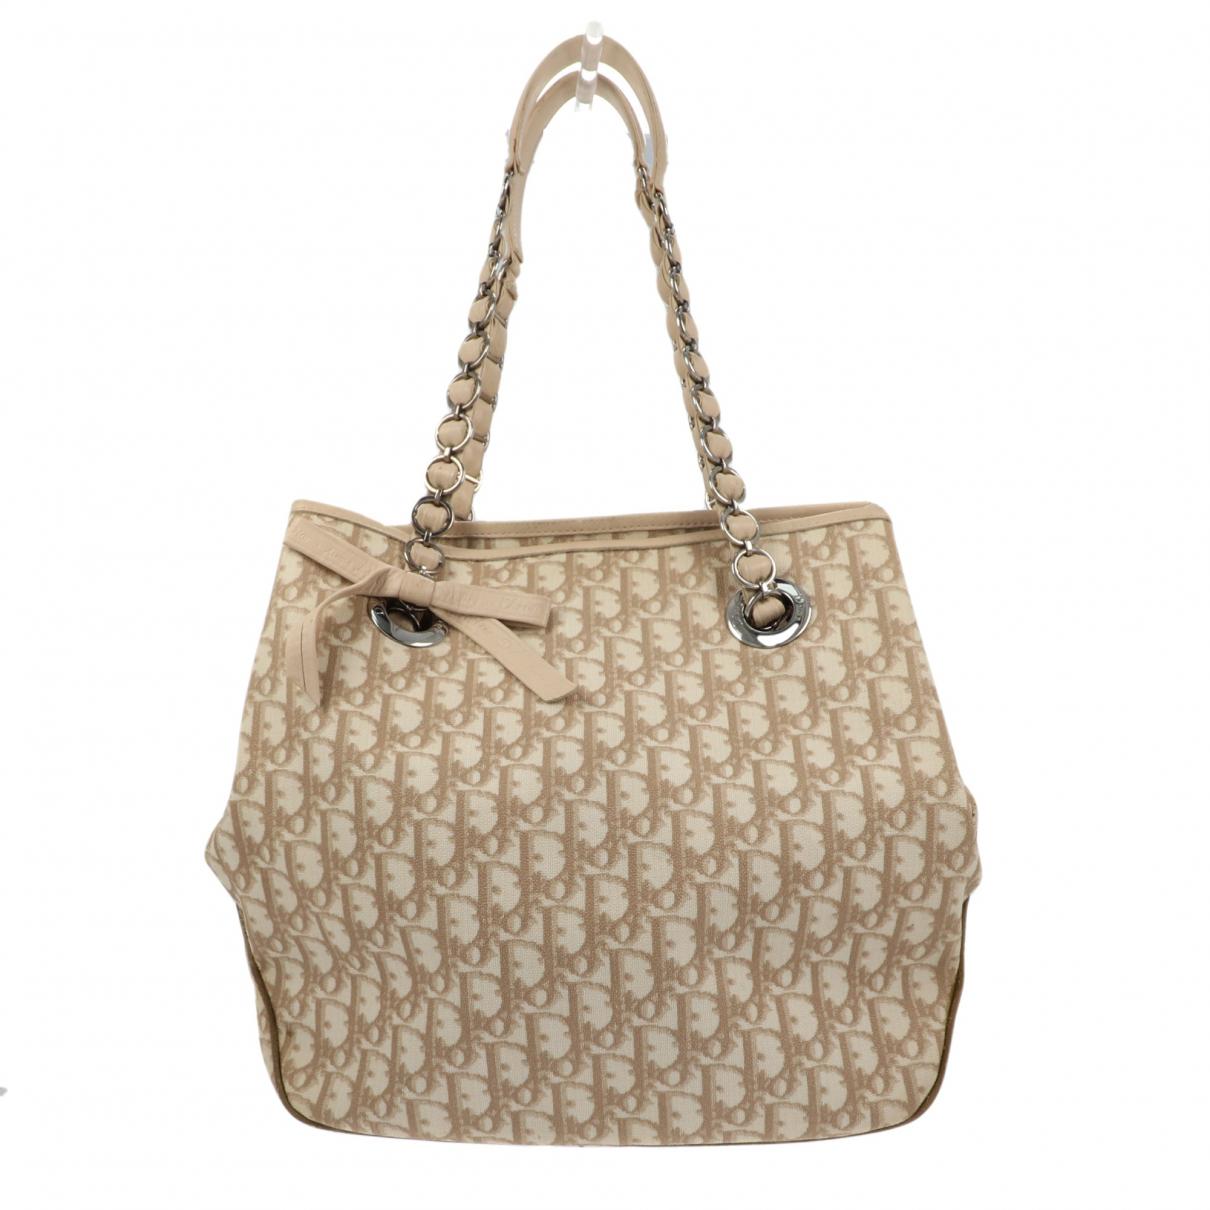 Christian Dior N Beige Cloth handbag for Women N